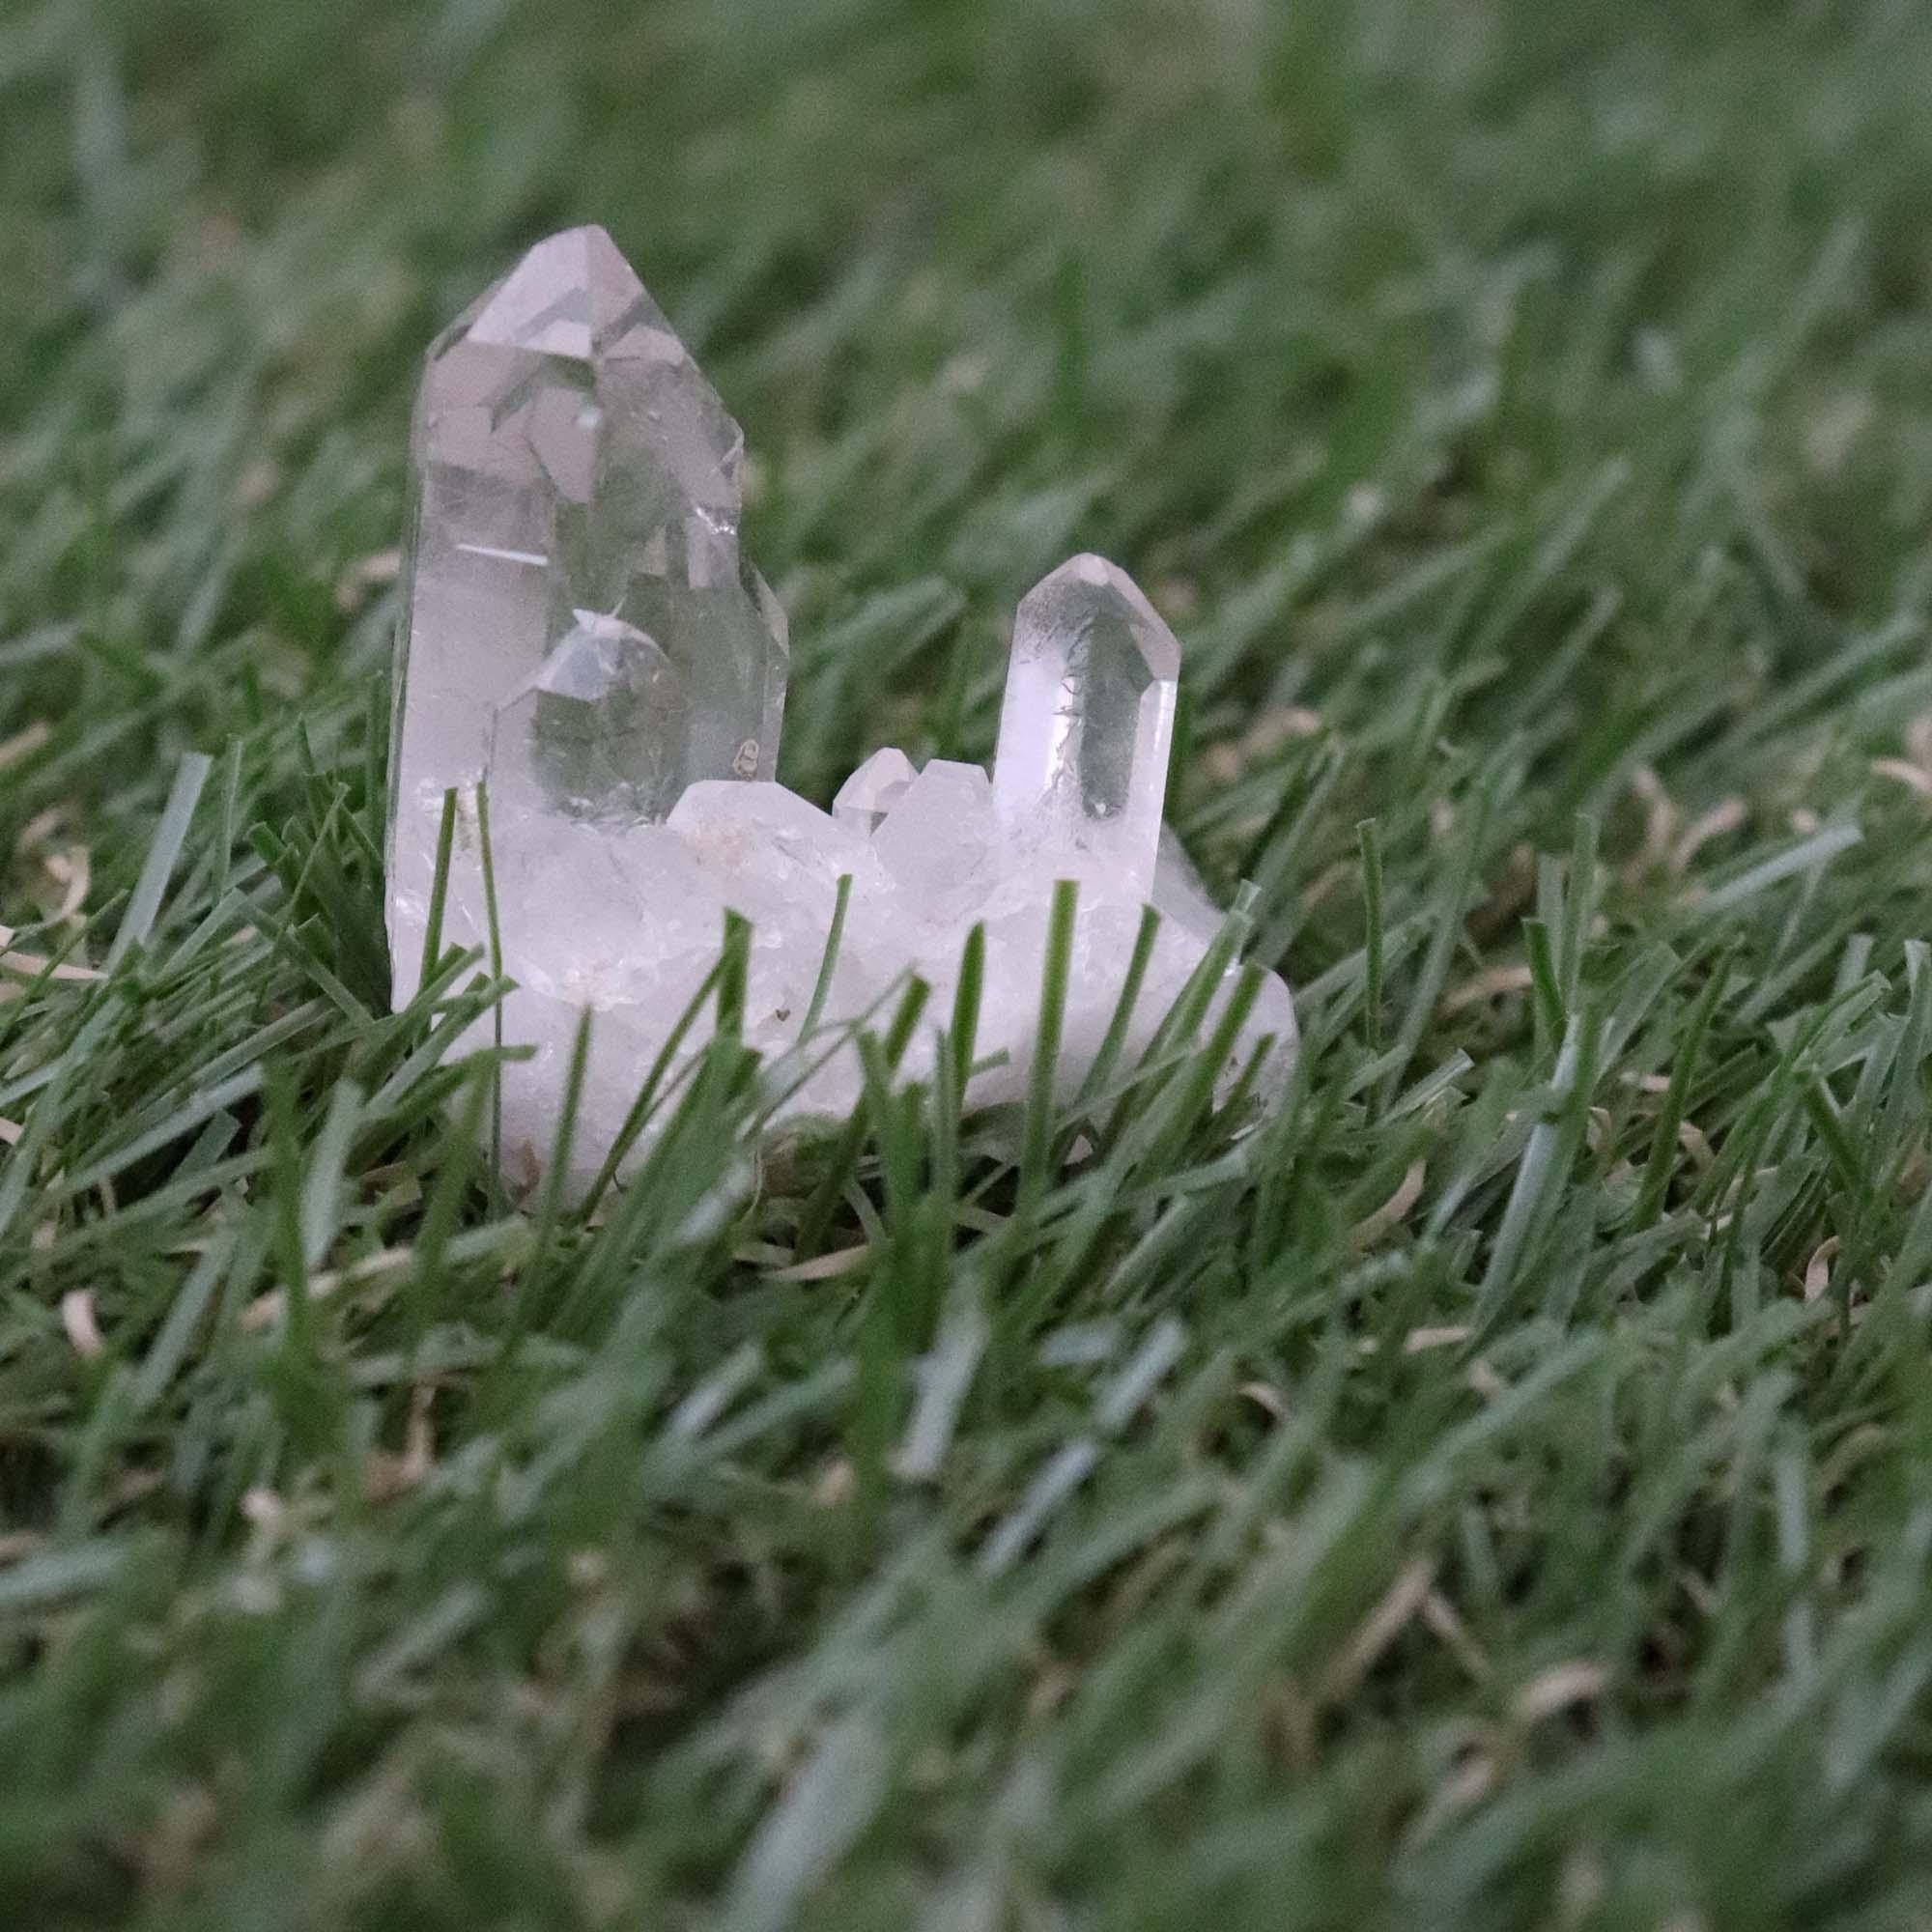 Cristal Quartzo branco 15g - Semi lapidado